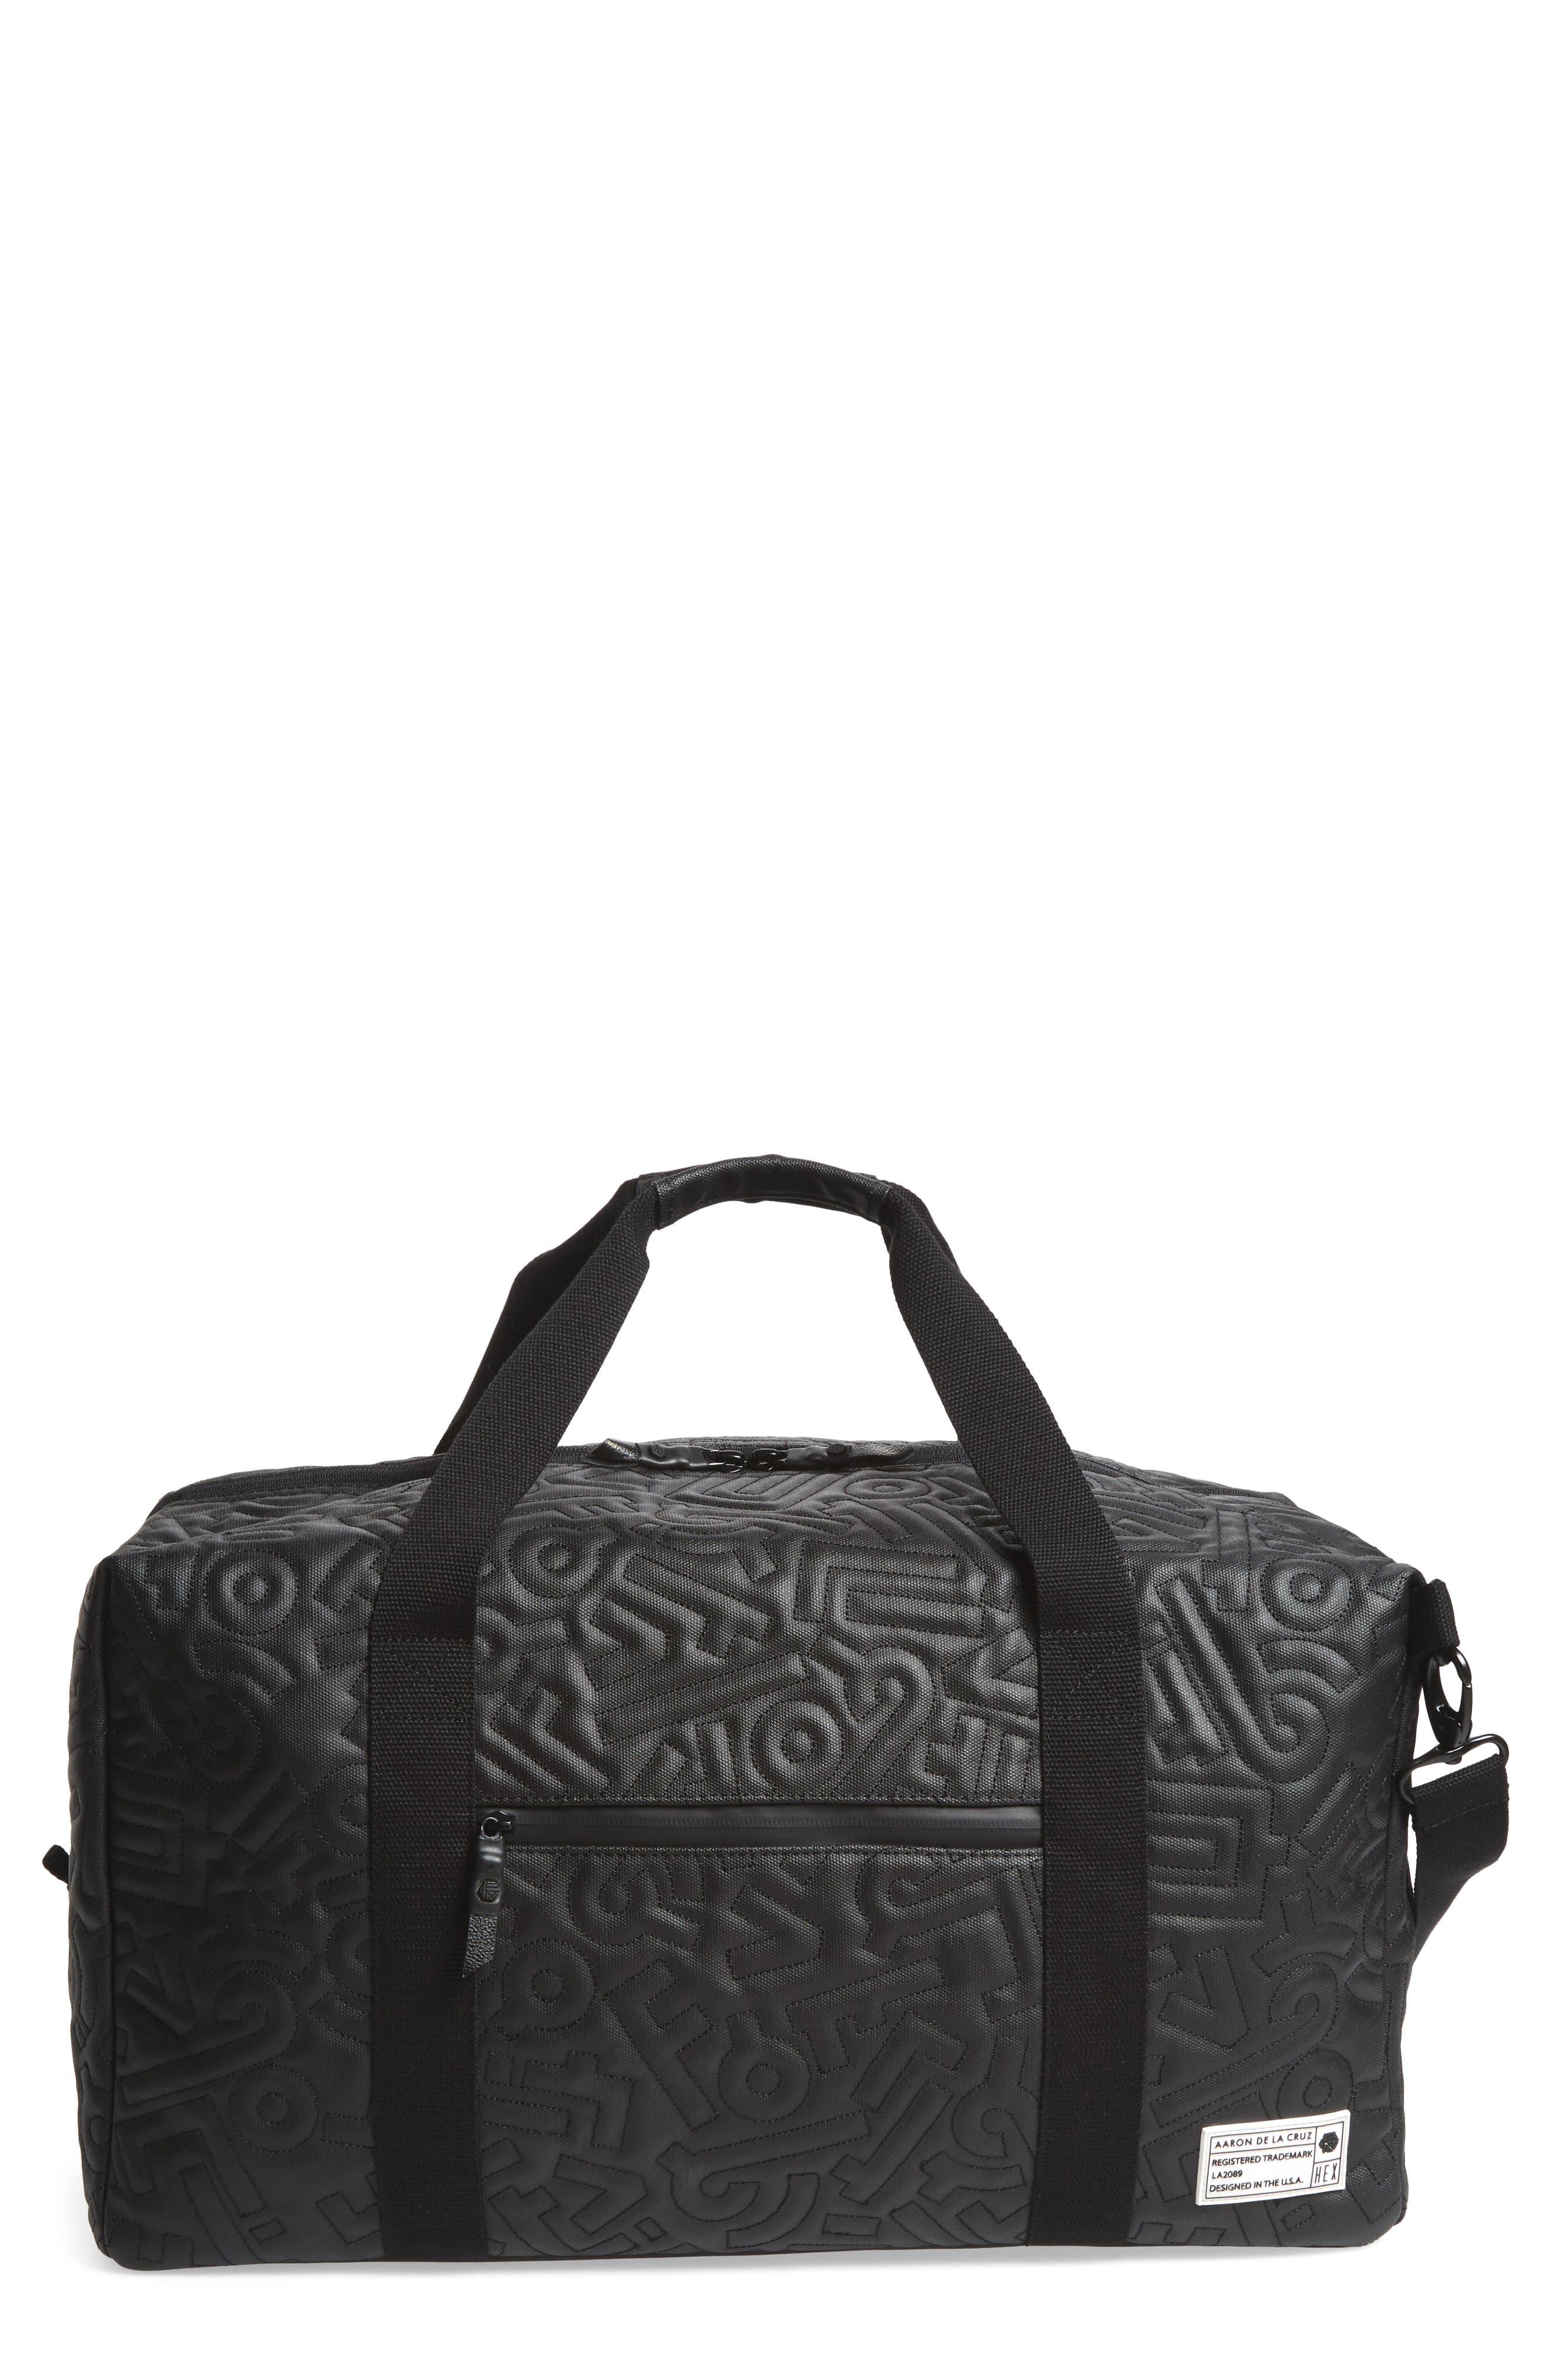 x Aaron De La Cruz Drifter Duffel Bag,                         Main,                         color,